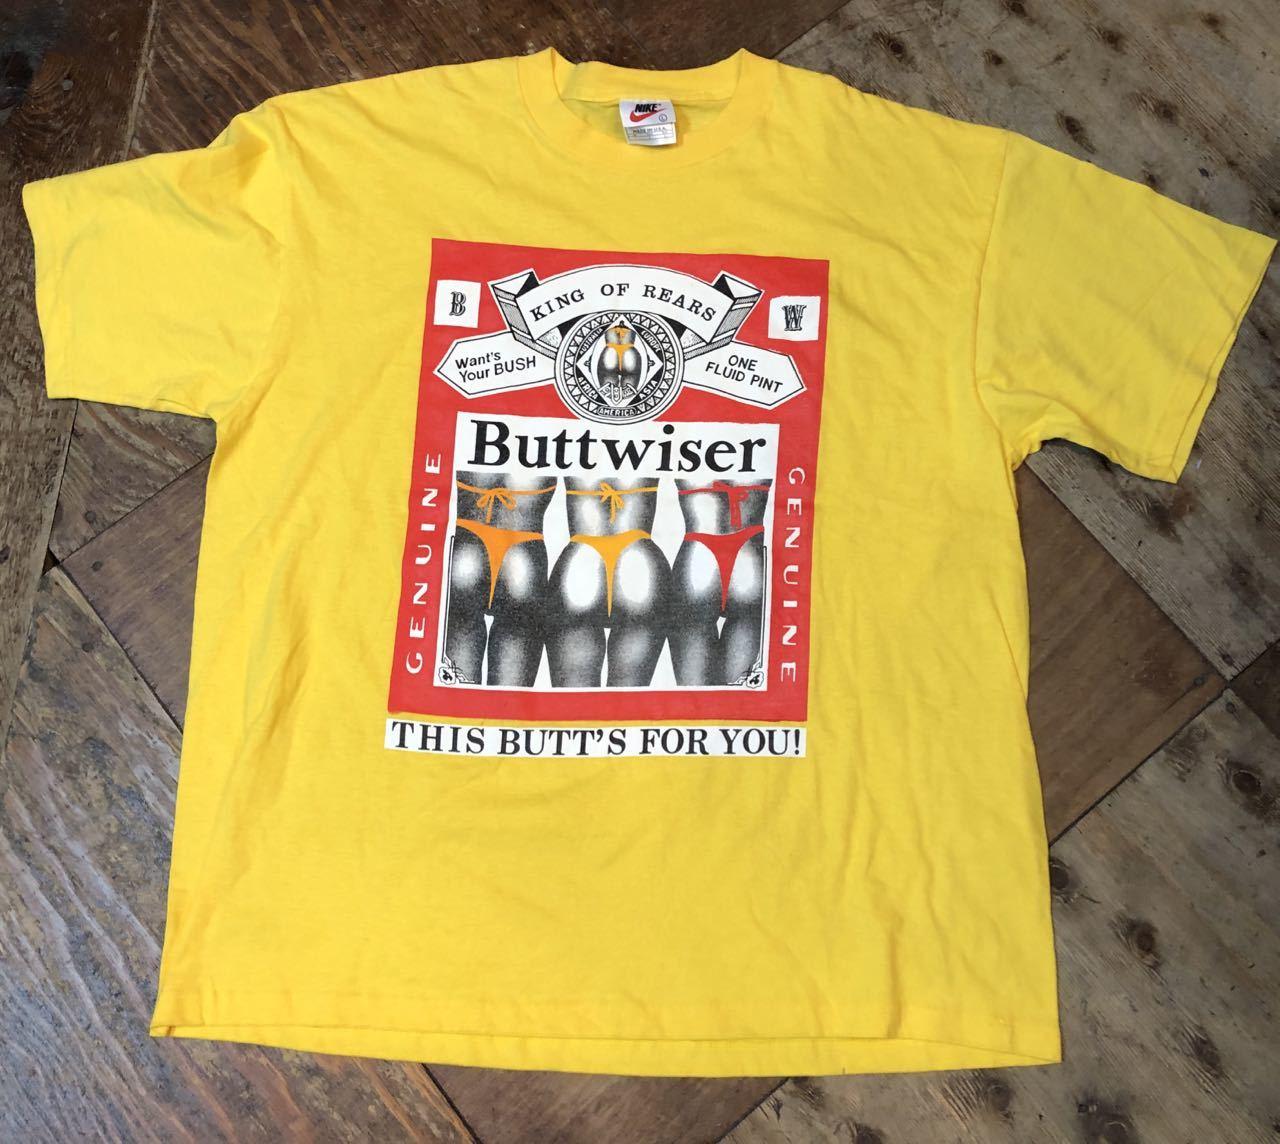 6月9日(日)入荷! 90s all cotton バドワイザー パロディー BUTTWISER Tシャツ!_c0144020_13144782.jpg